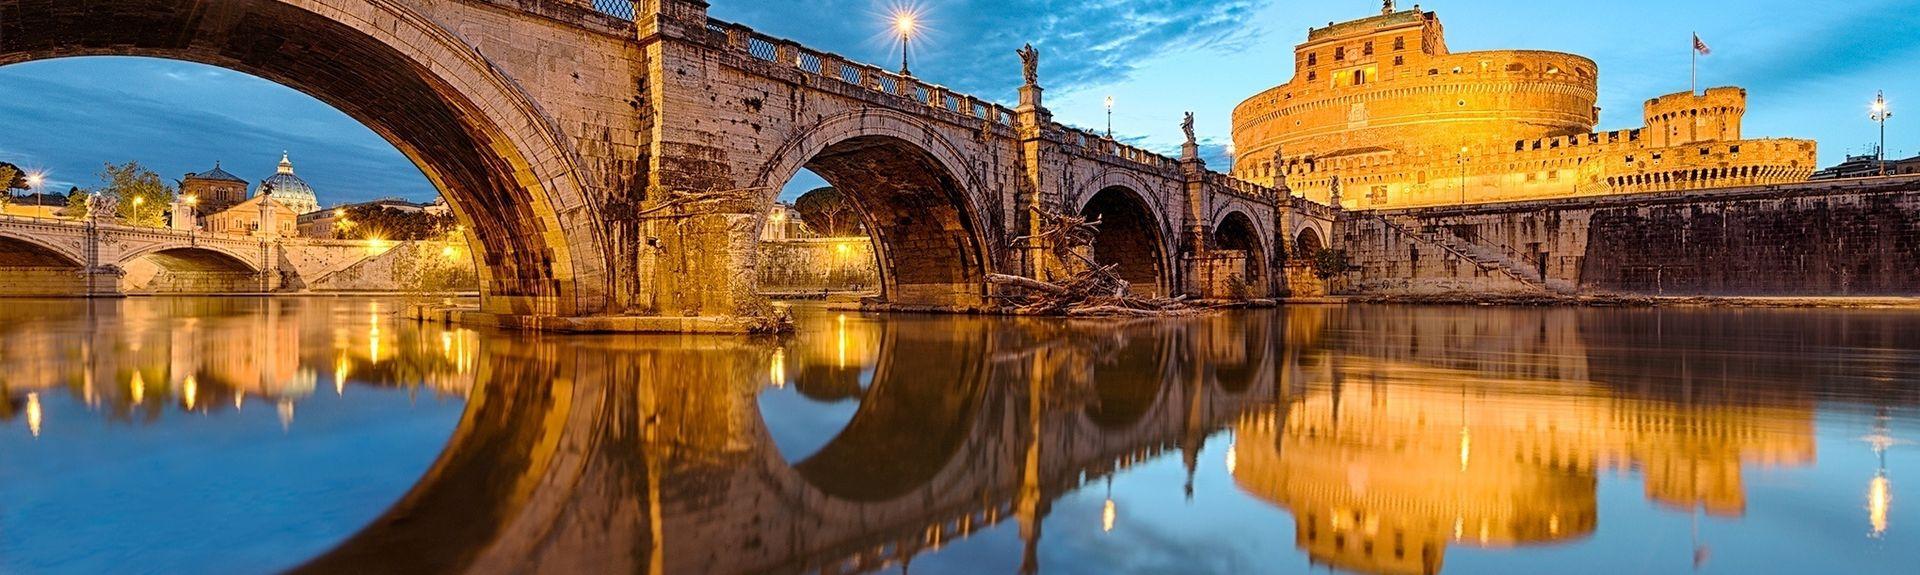 Quartiere XIII Aurelio, Rome, Latium, Italie